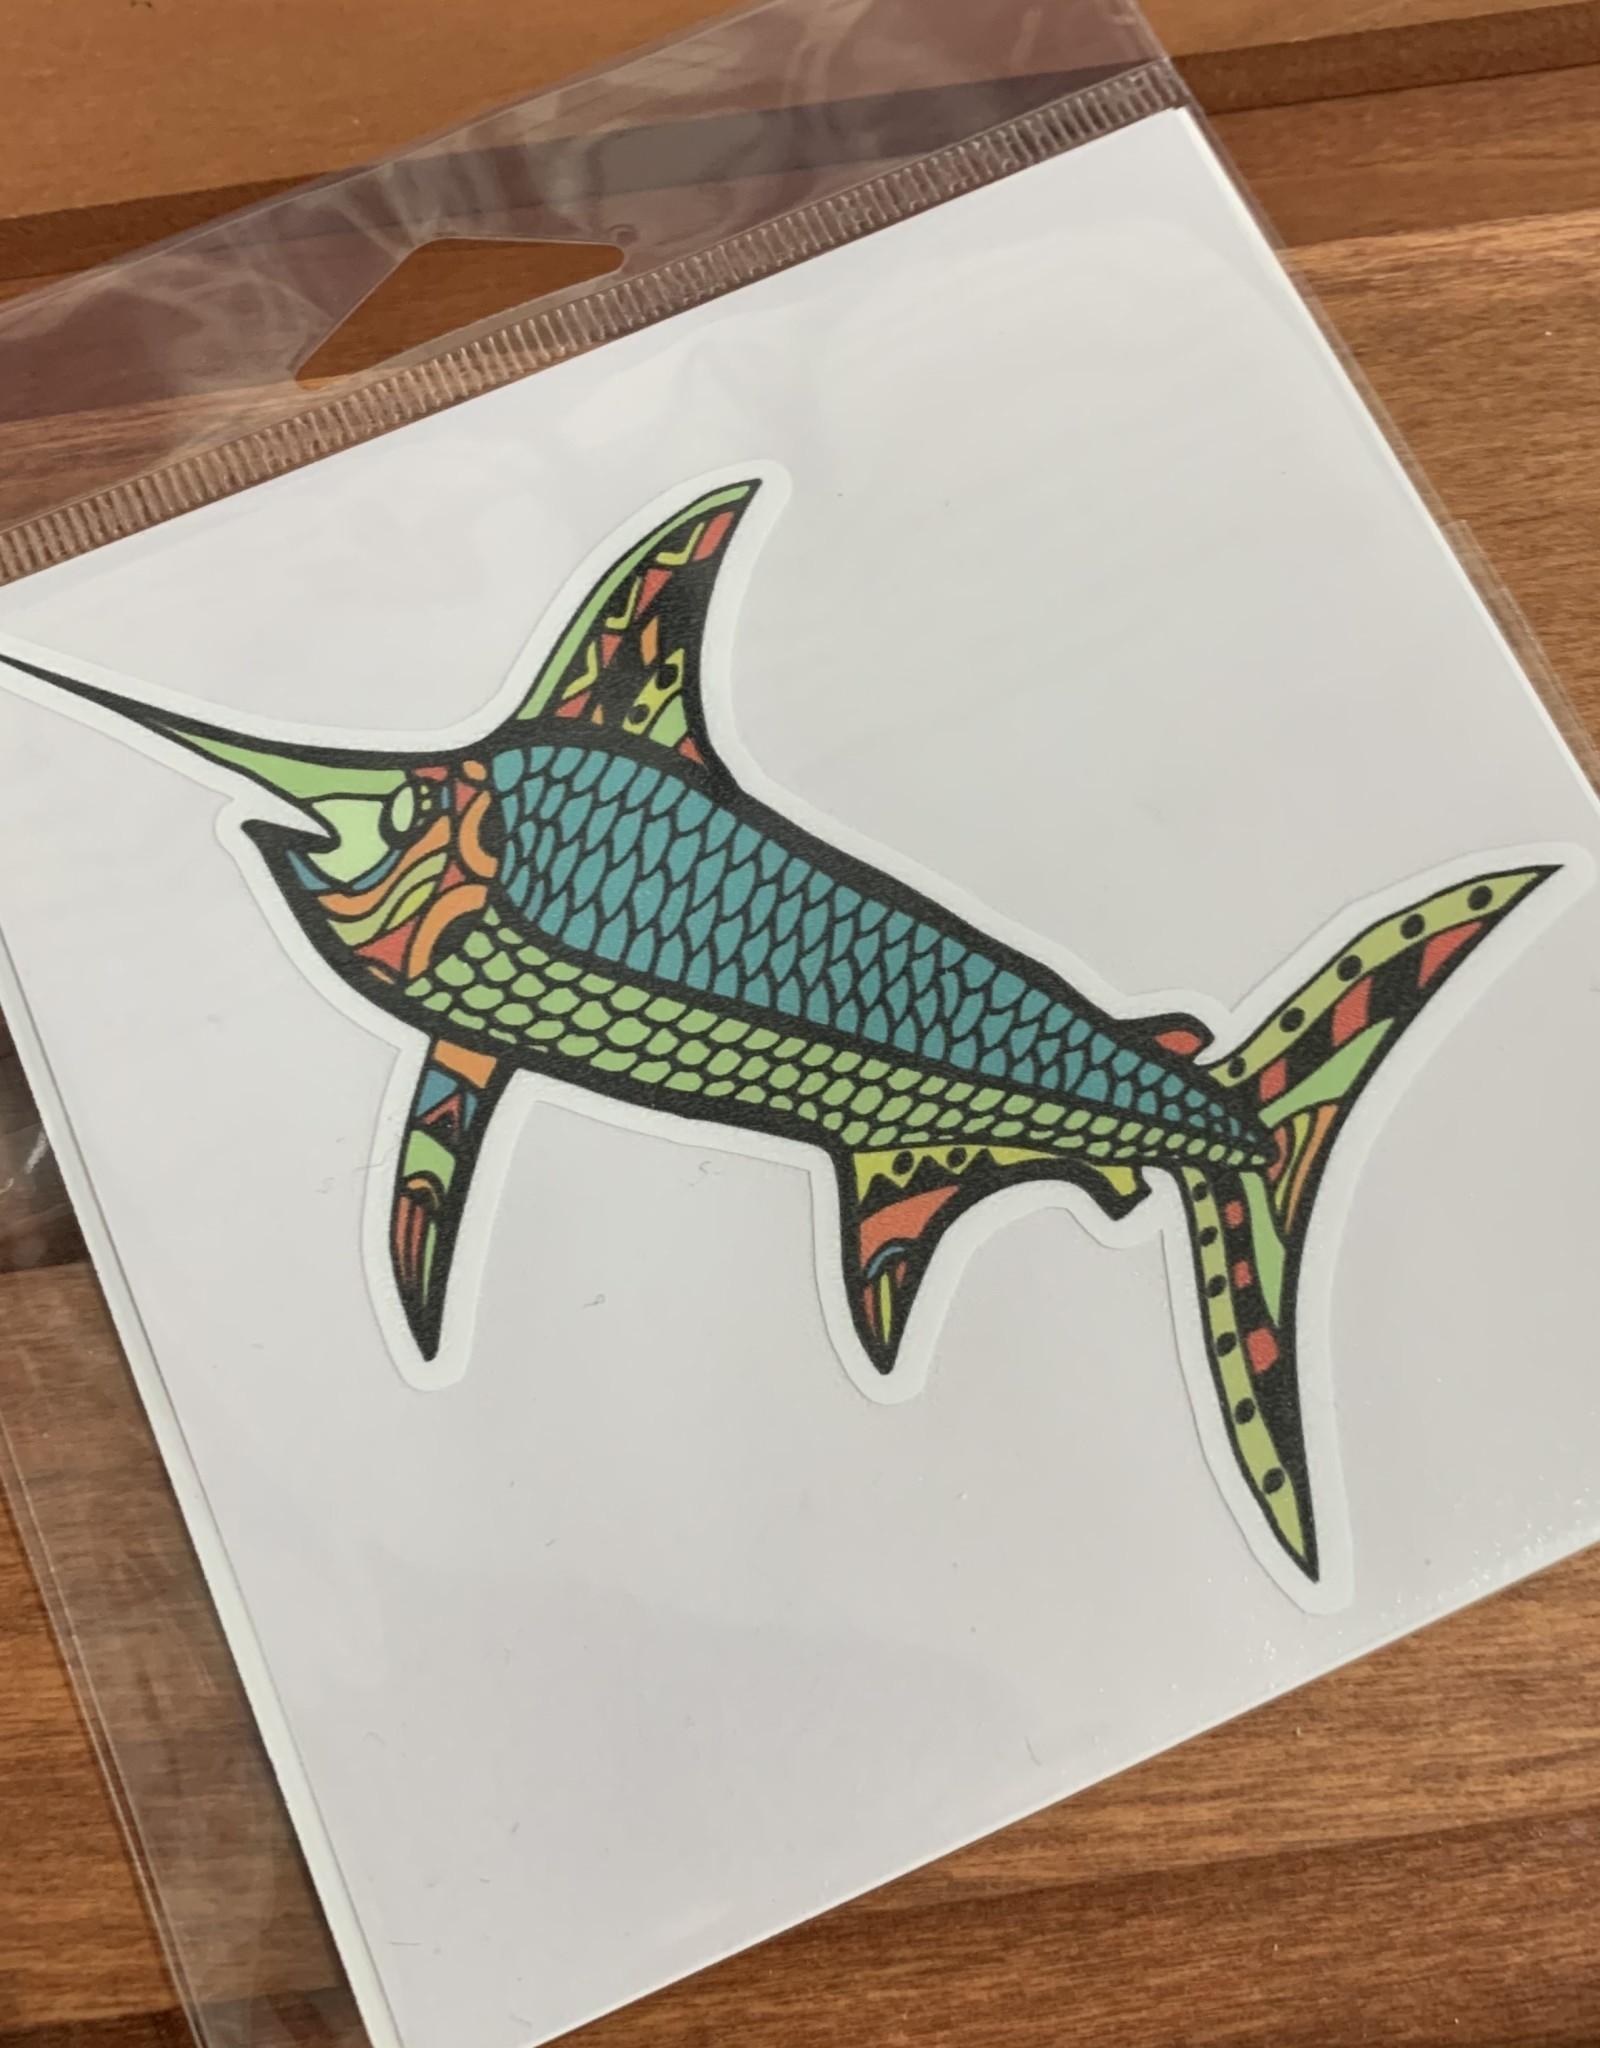 MOSAIC FISH STICKER (LARGE)